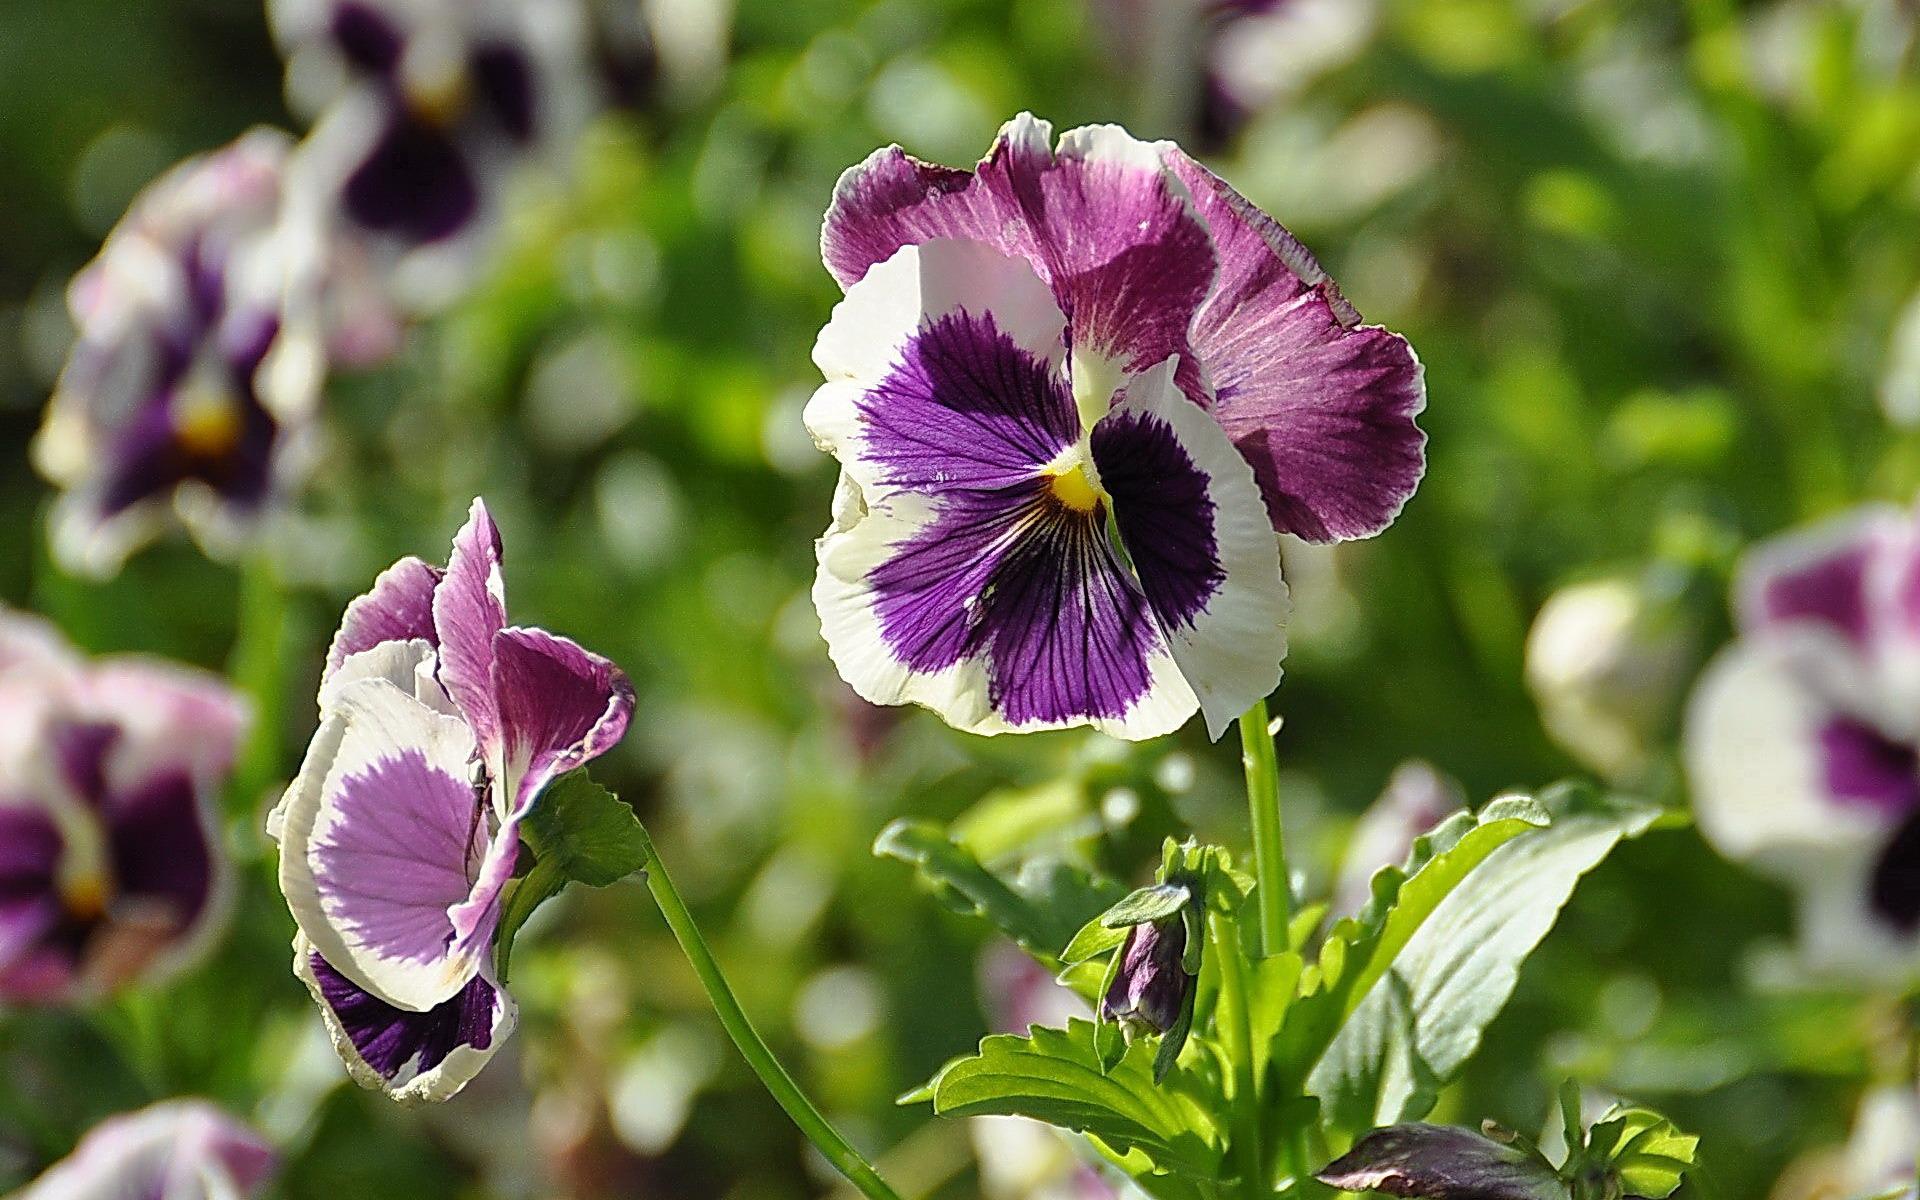 Цветы картинки 16k фото скачать обои2